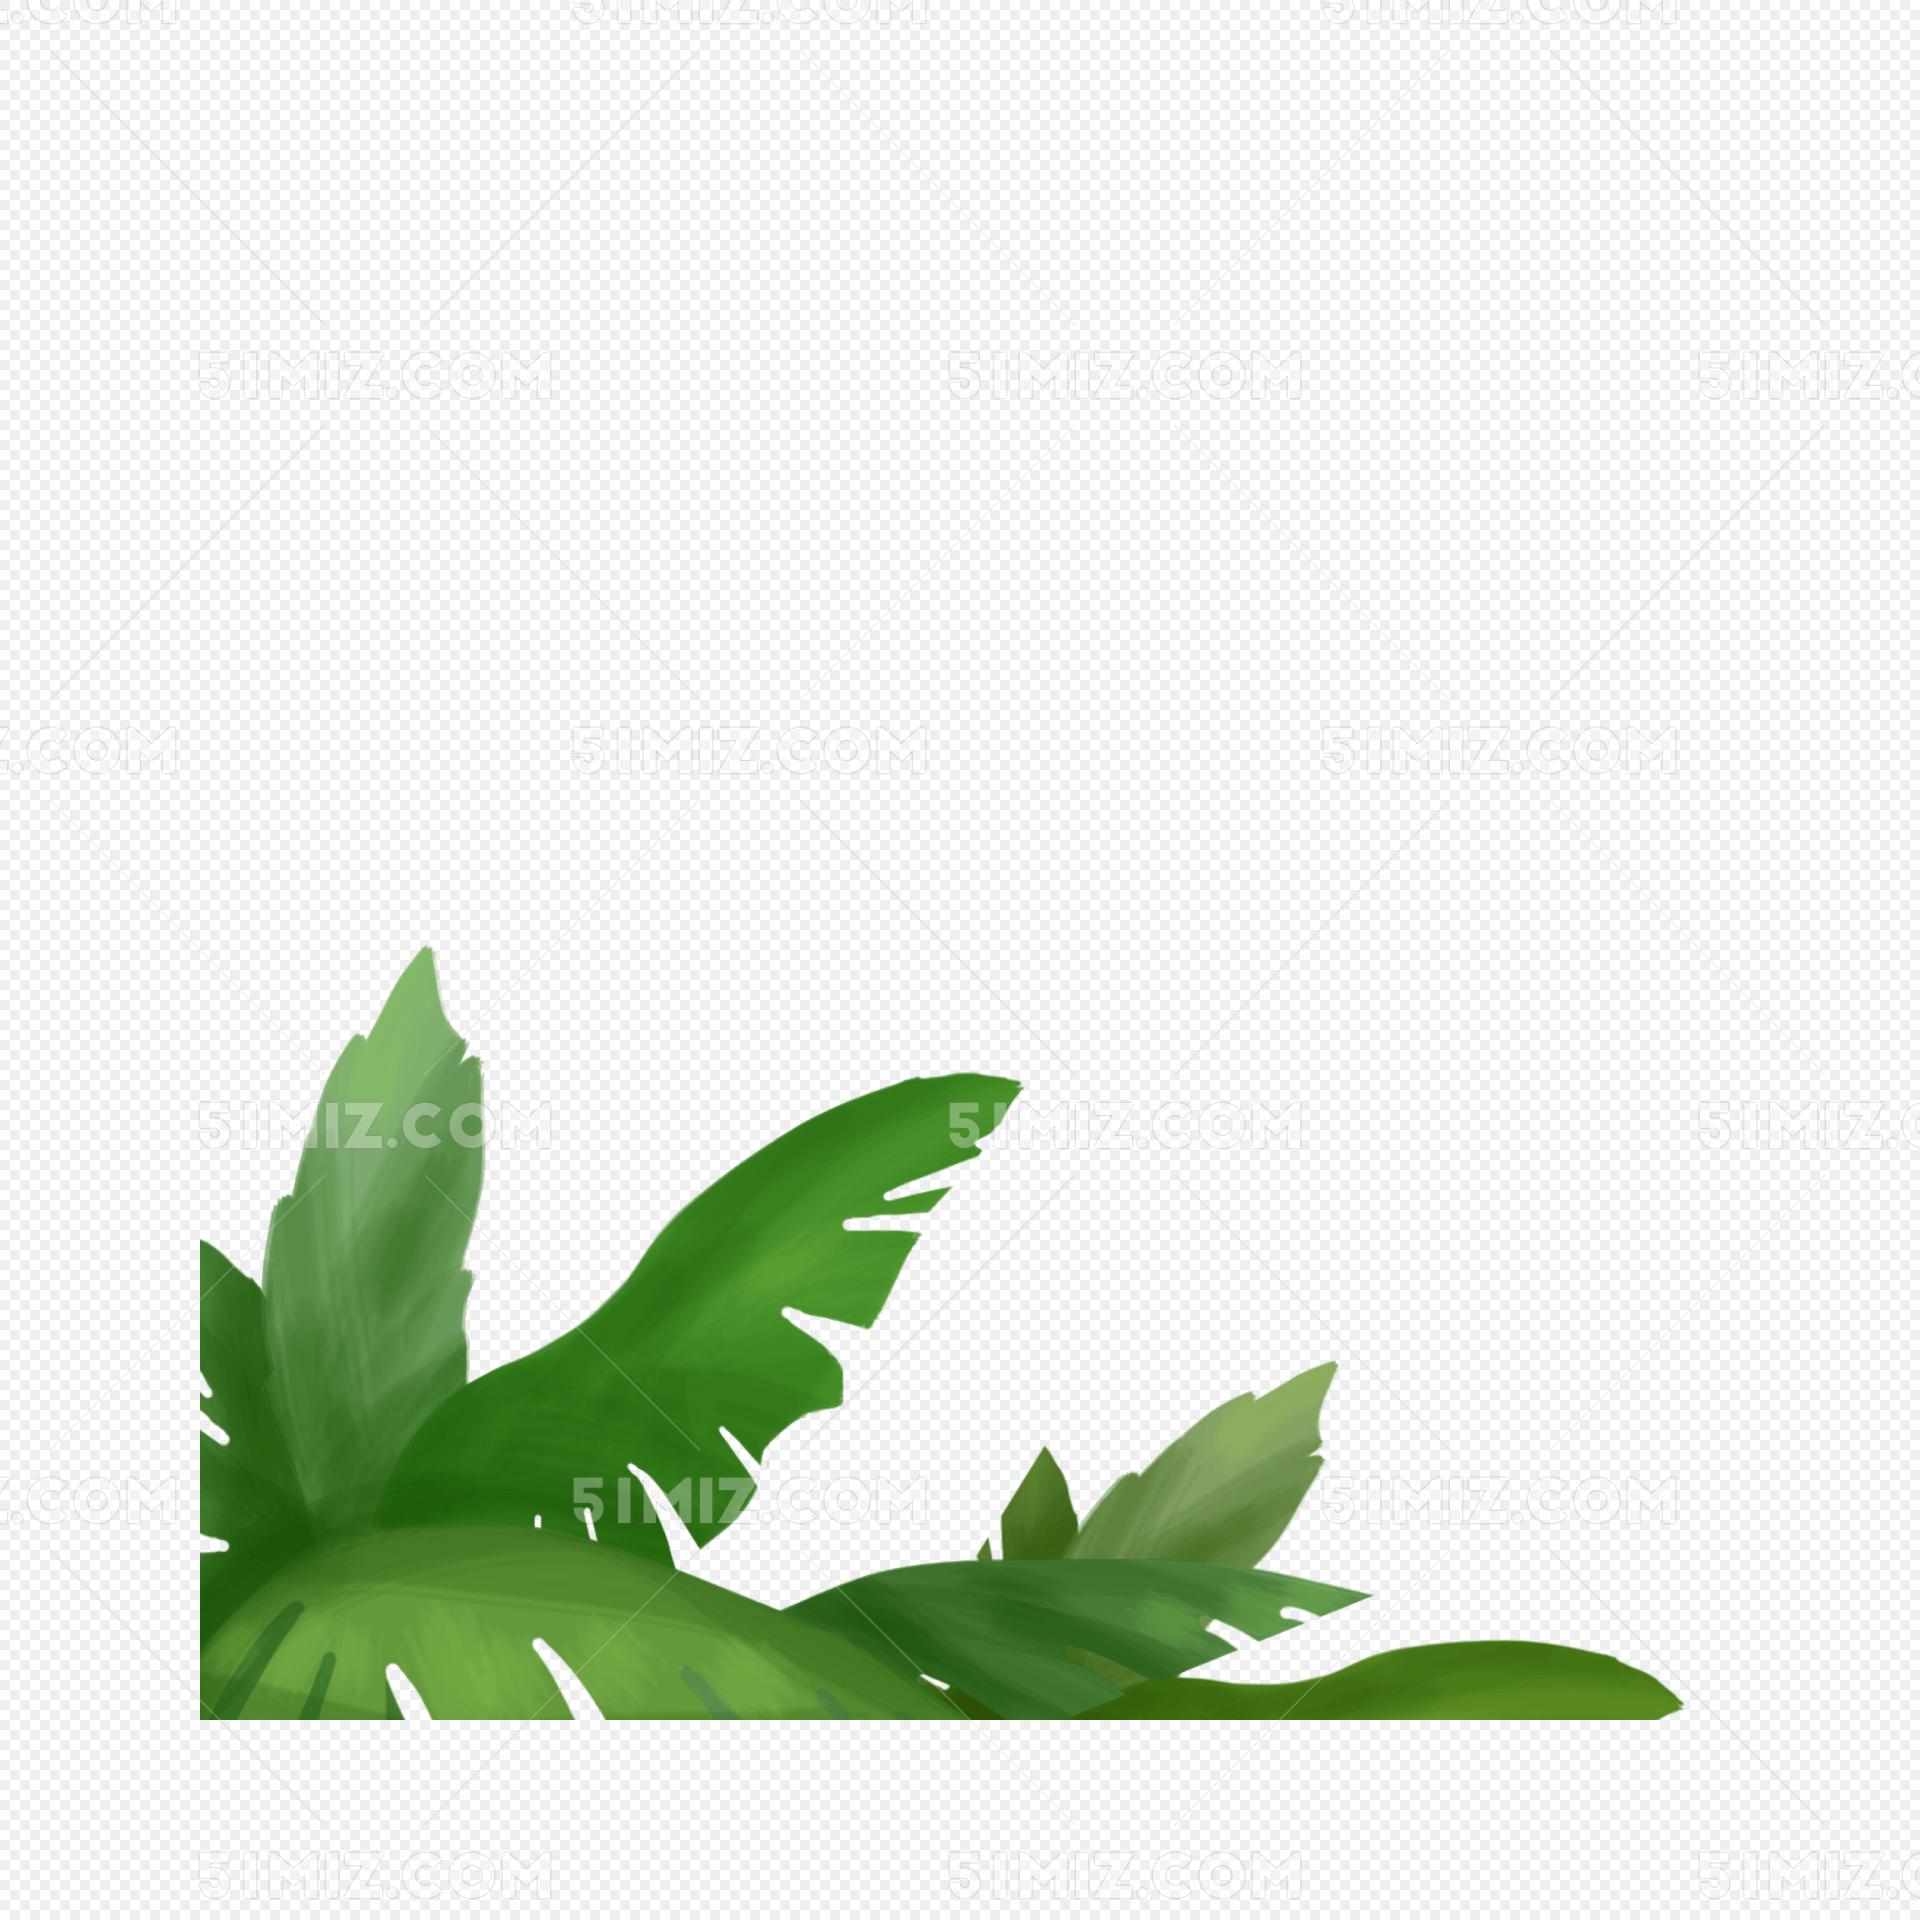 夏天手绘绿叶图片